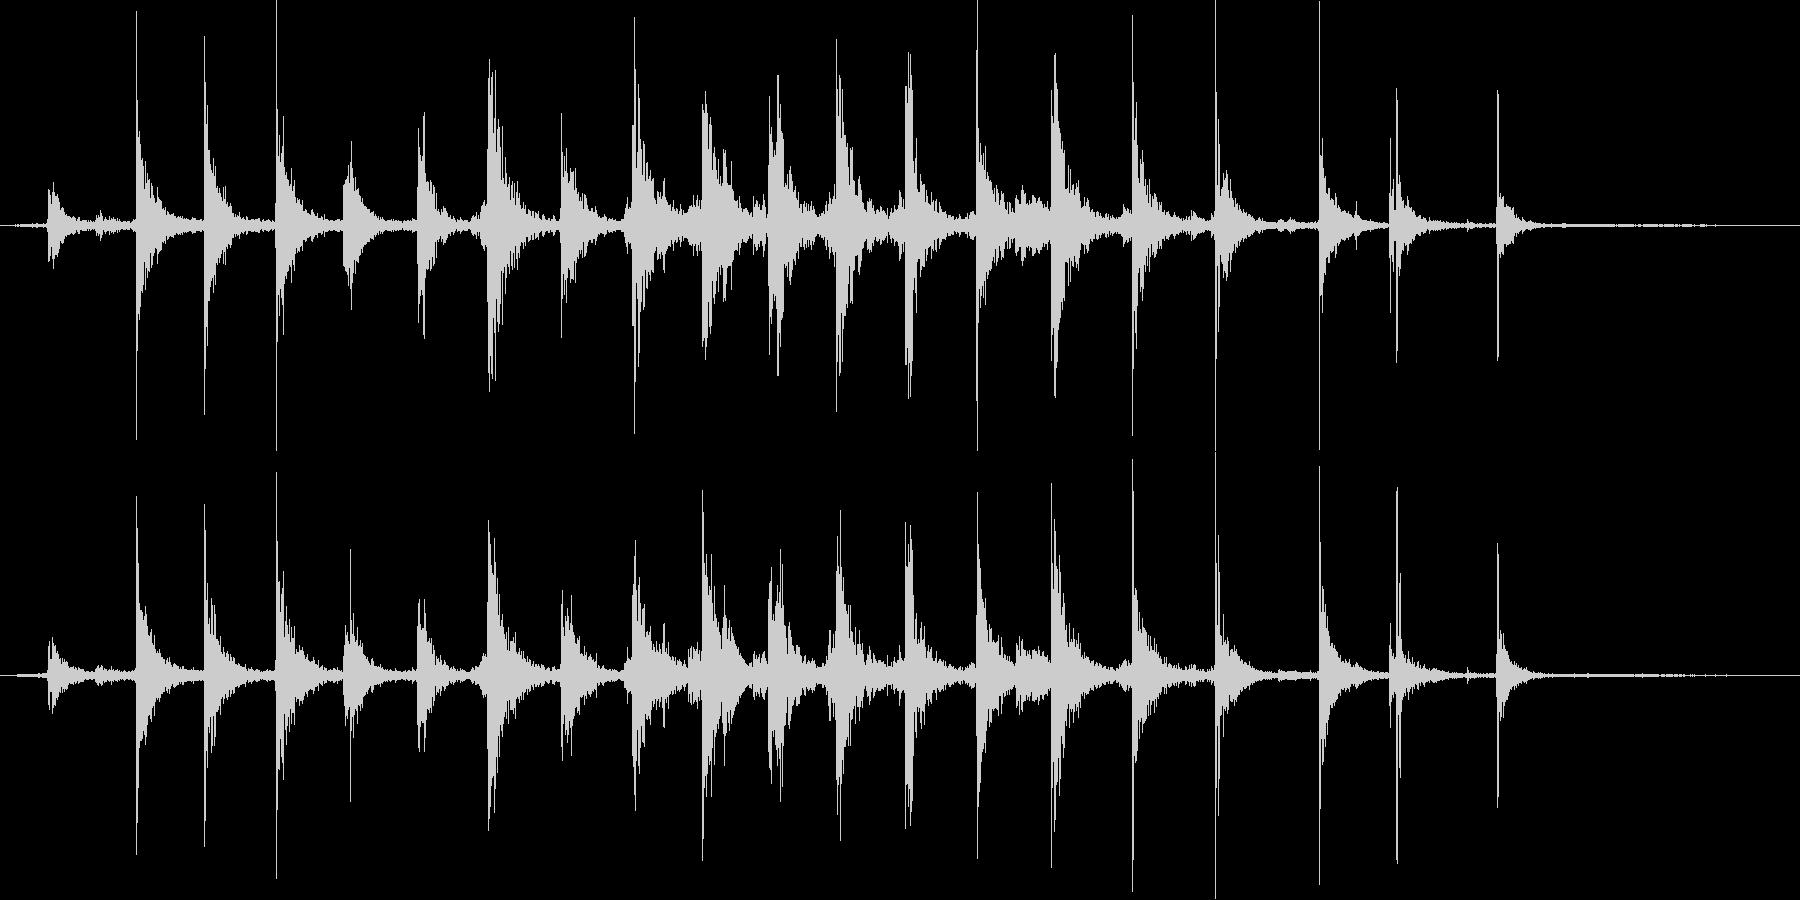 【生活音】階段01B(上り)の未再生の波形